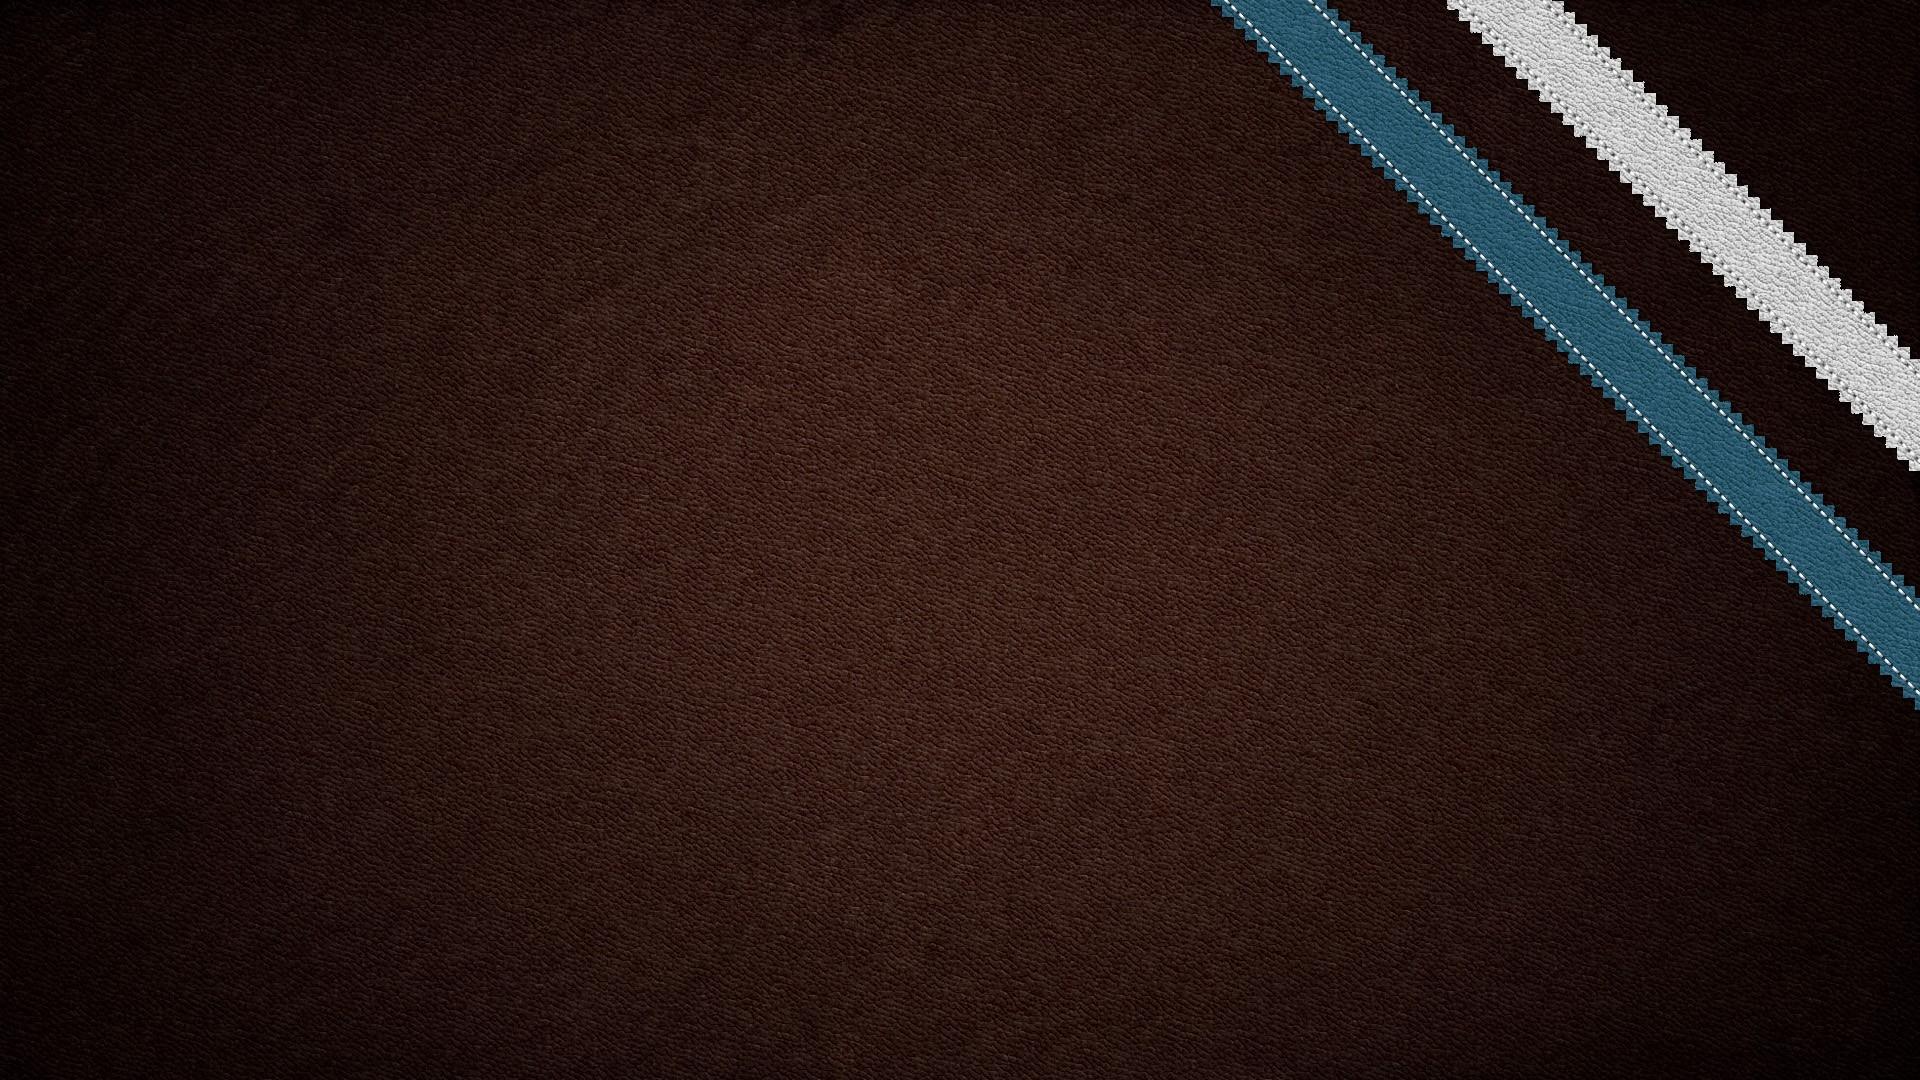 Minimalistic Stripes Free Desktop Wallpaper